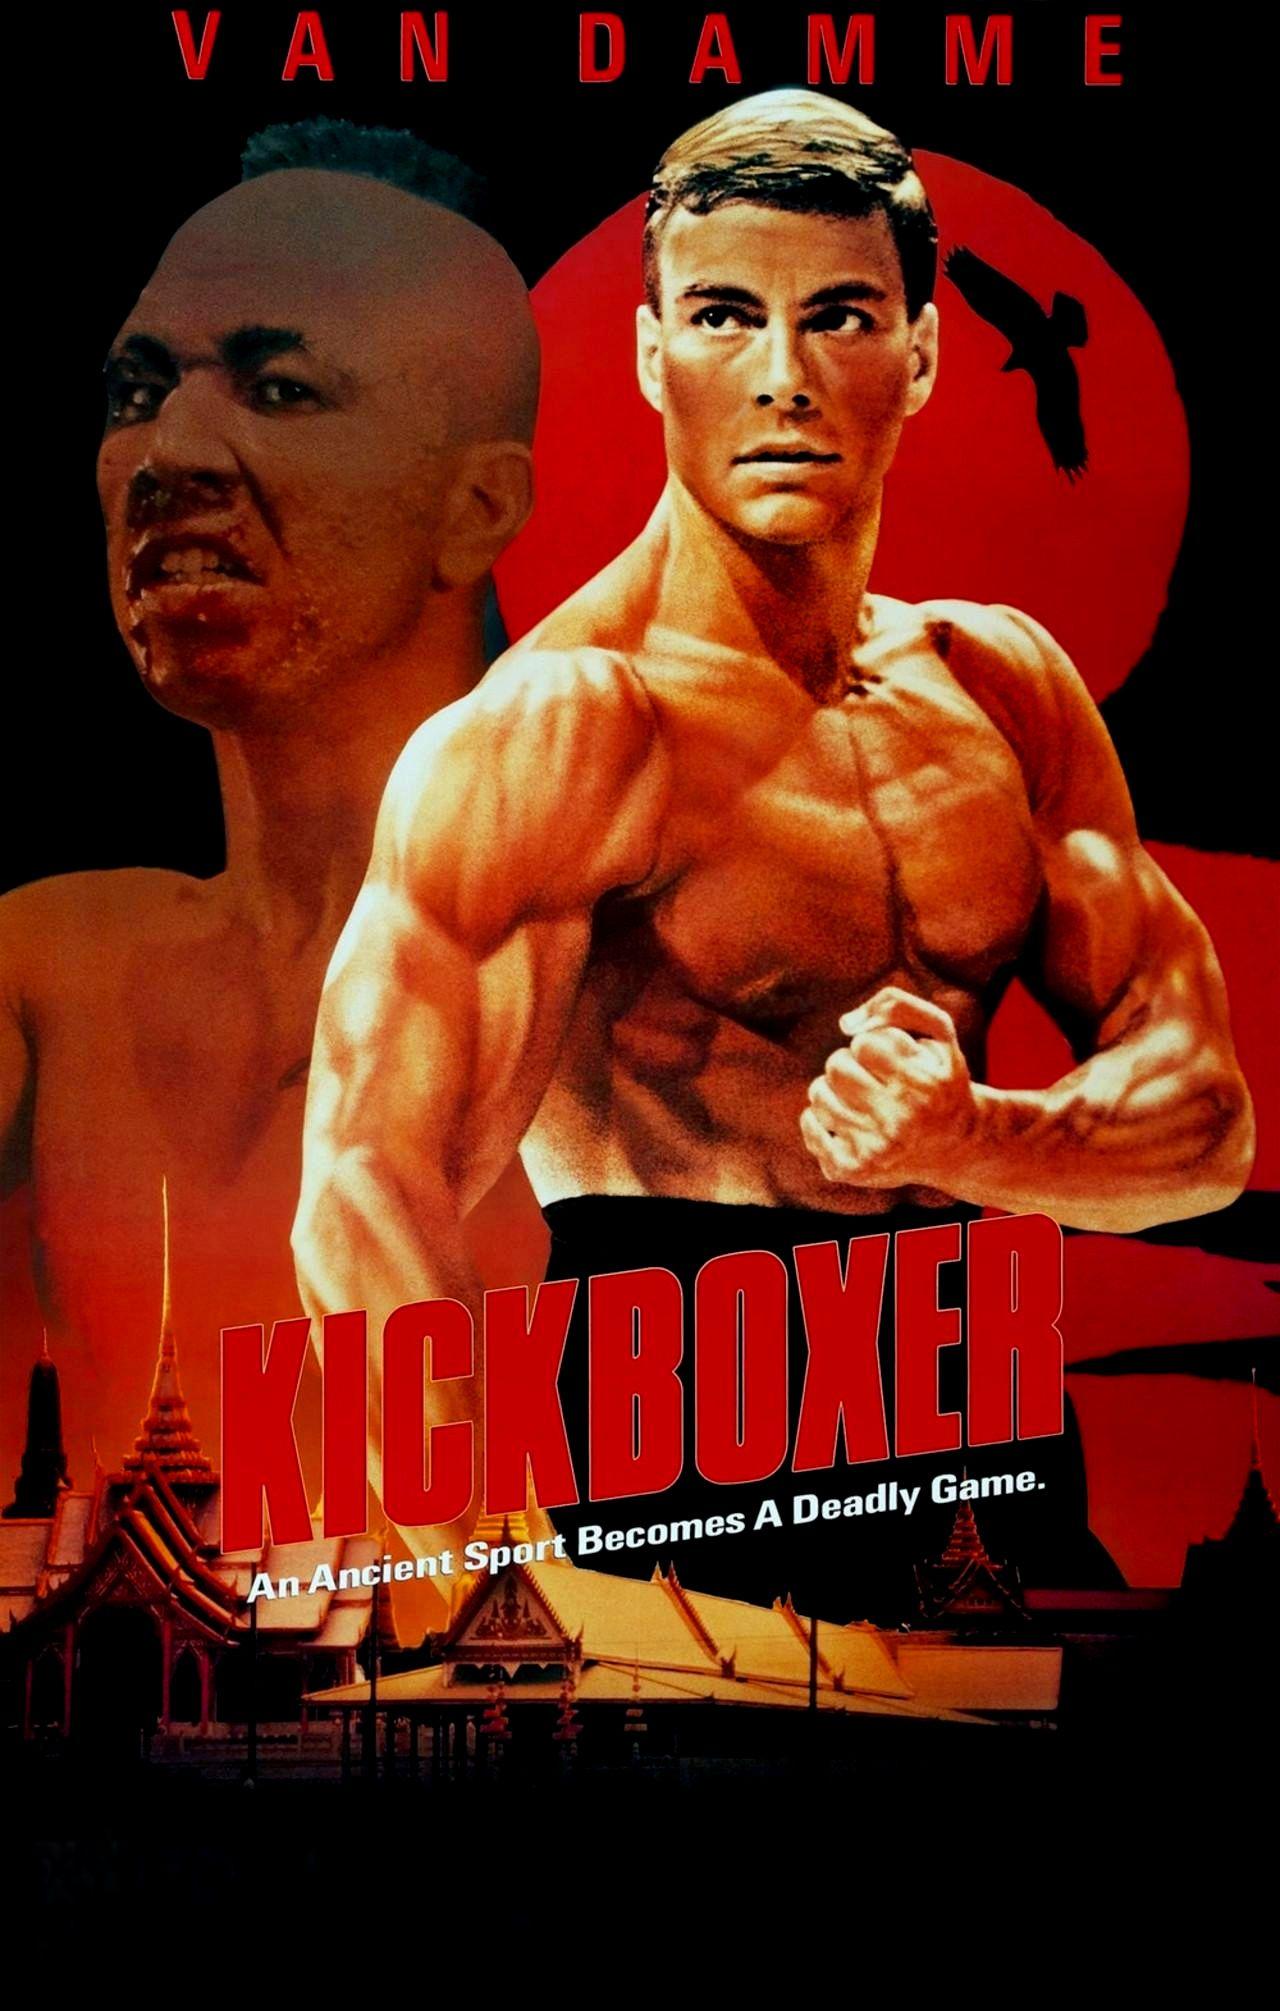 Kickboxer Free Movies Online Streaming Movies Online Van Damme